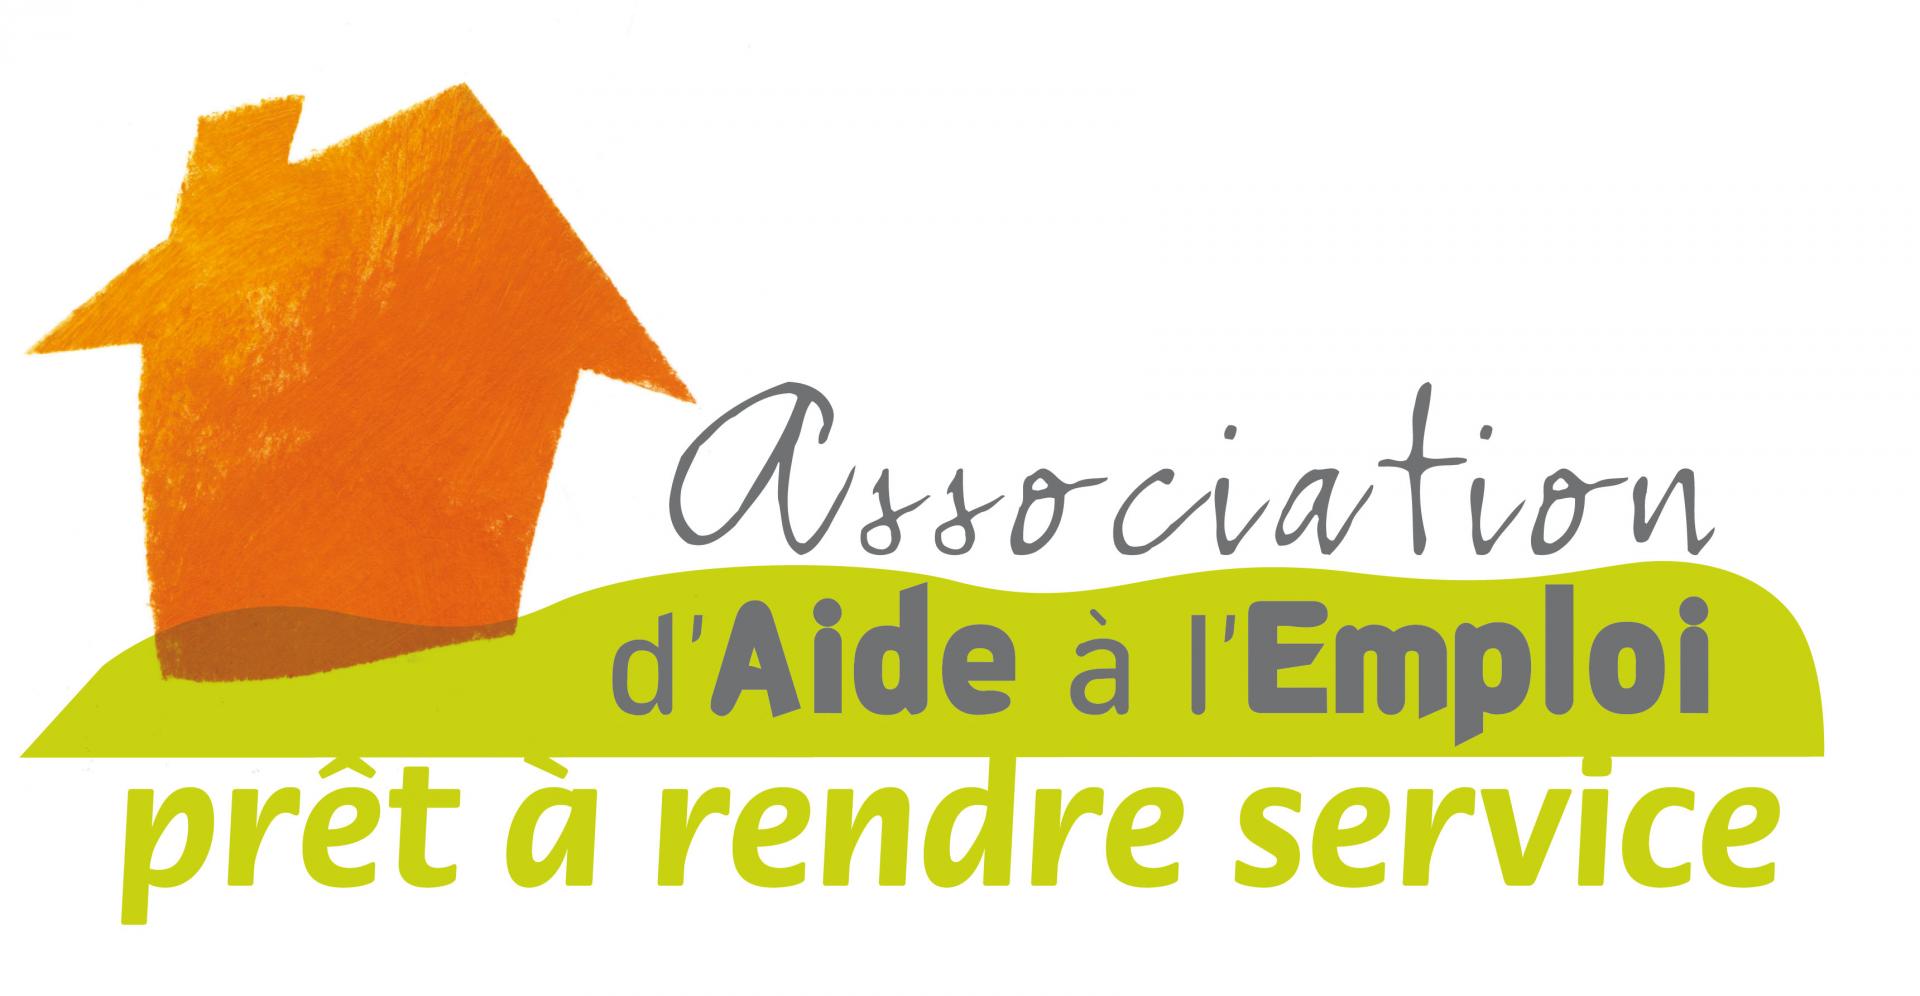 Association d'Aide à l'Emploi